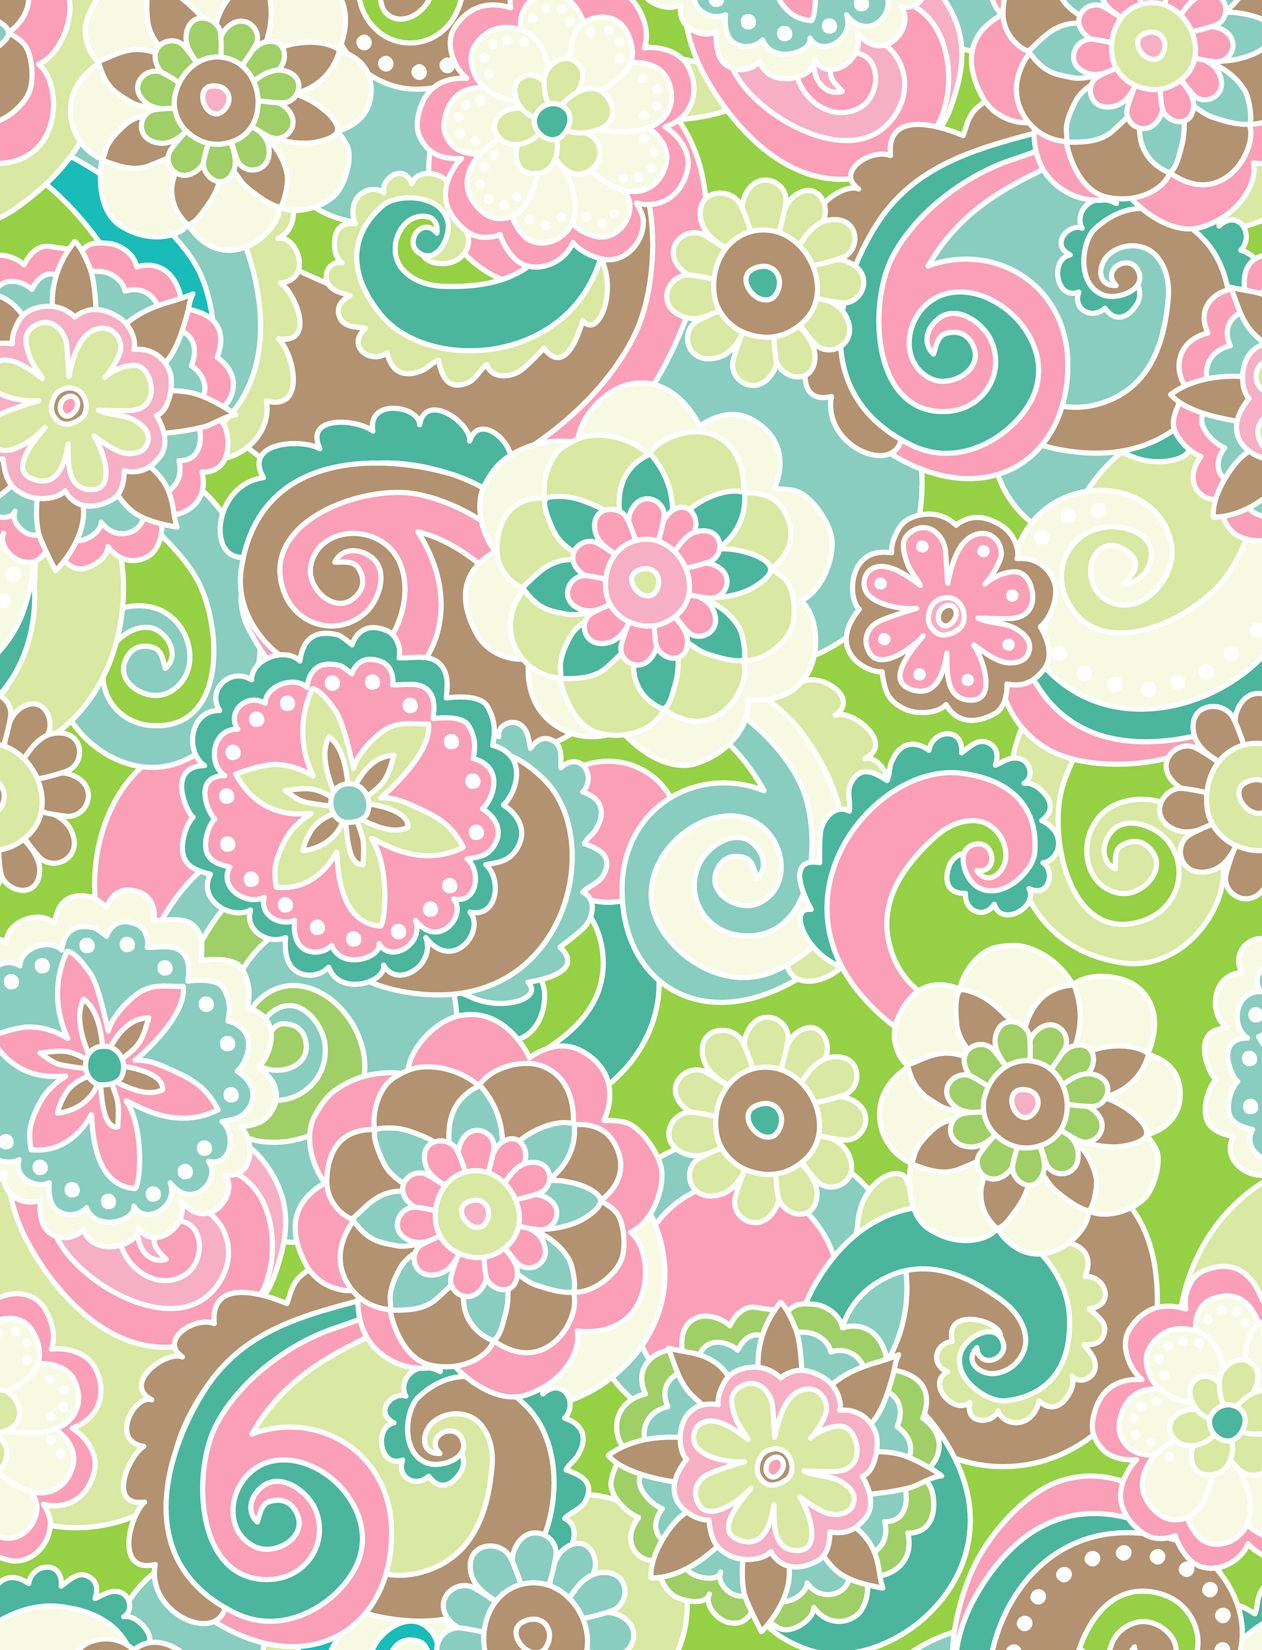 Silvia Dekker pattern for Hema